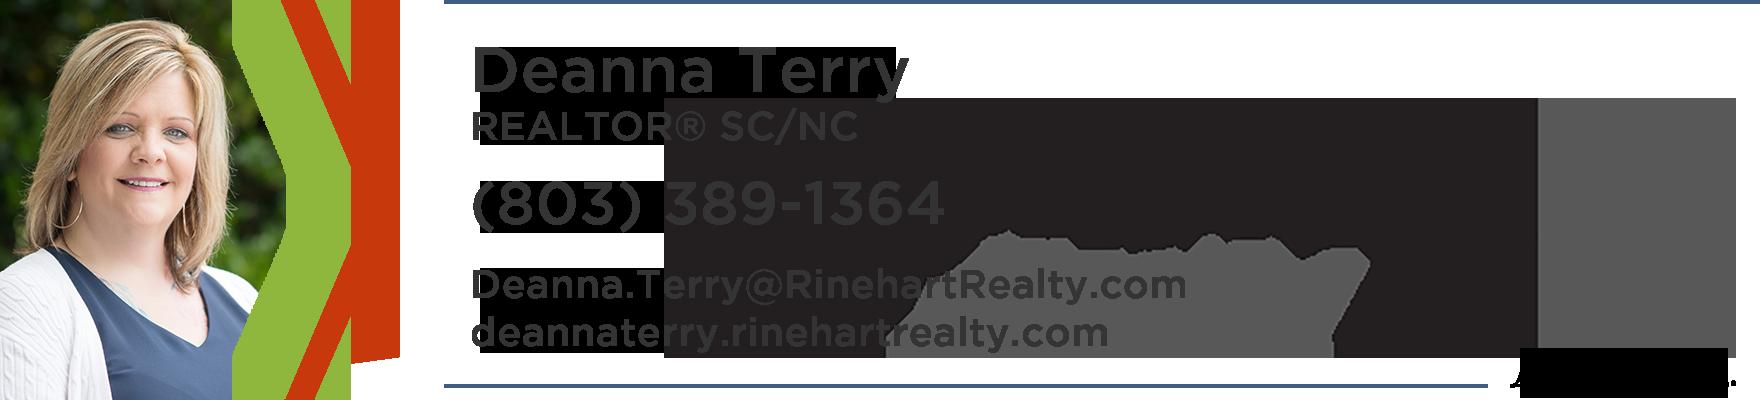 Deanna Terry REALTOR SC NC